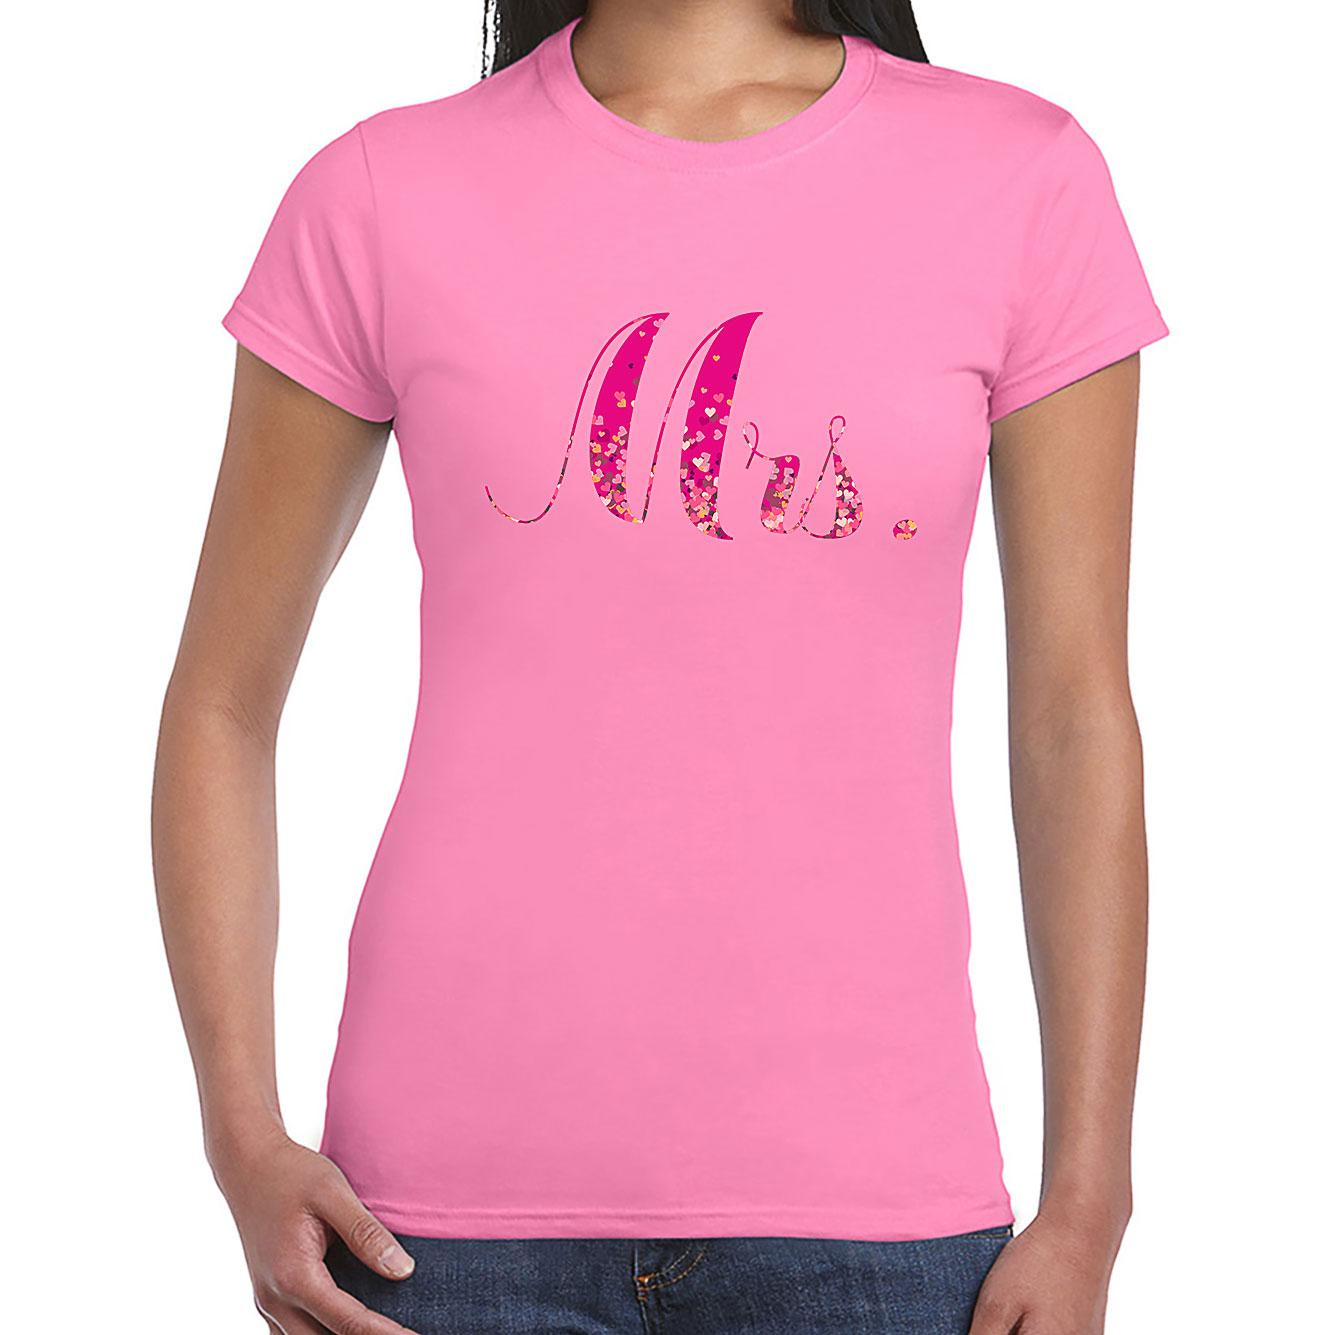 Nevestička a Ženích ♥ - trička na želanie podľa vlastných predstáv - Mrs. 2